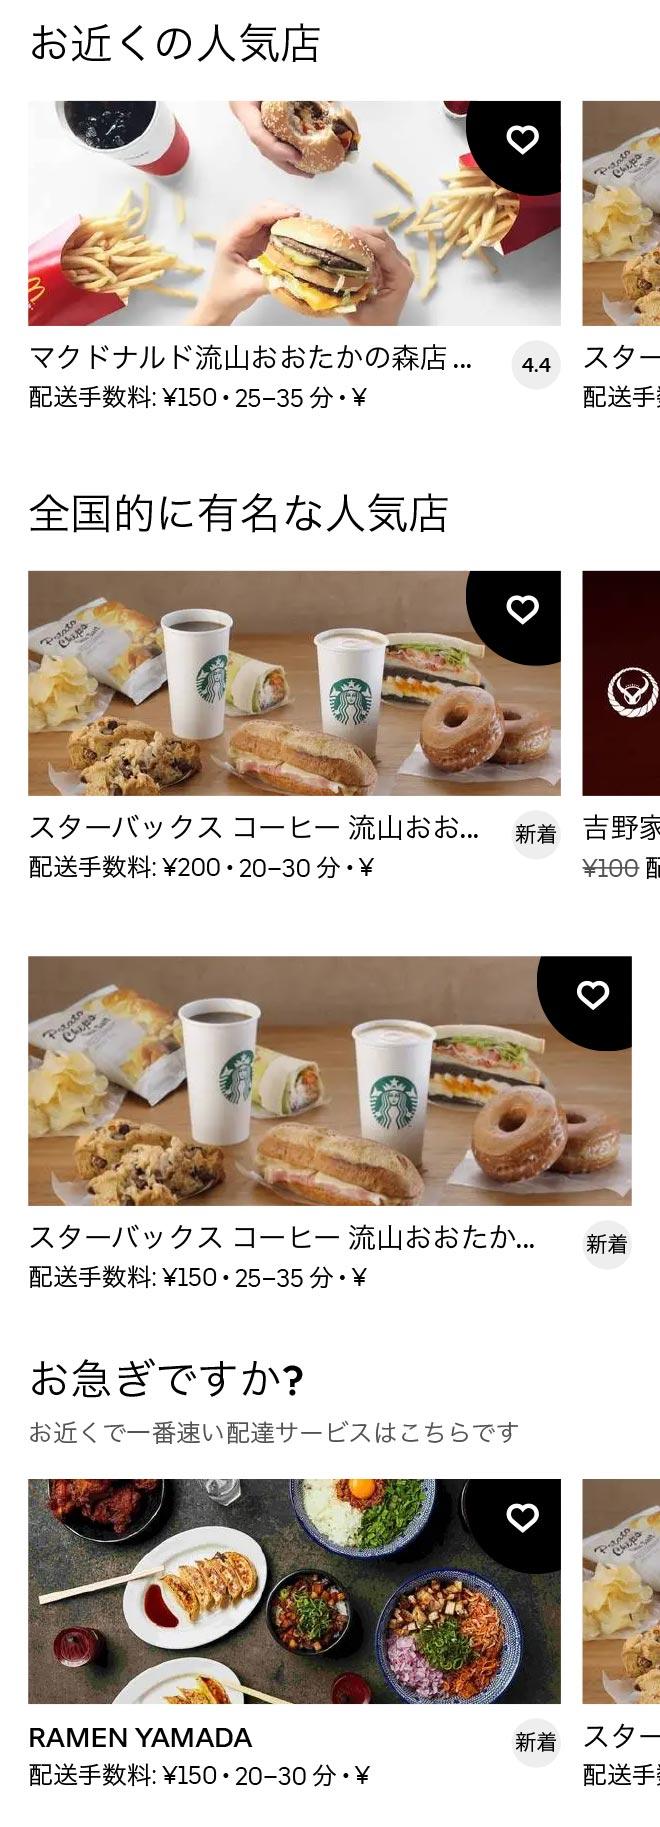 Nagareyama ootaka menu 2011 01